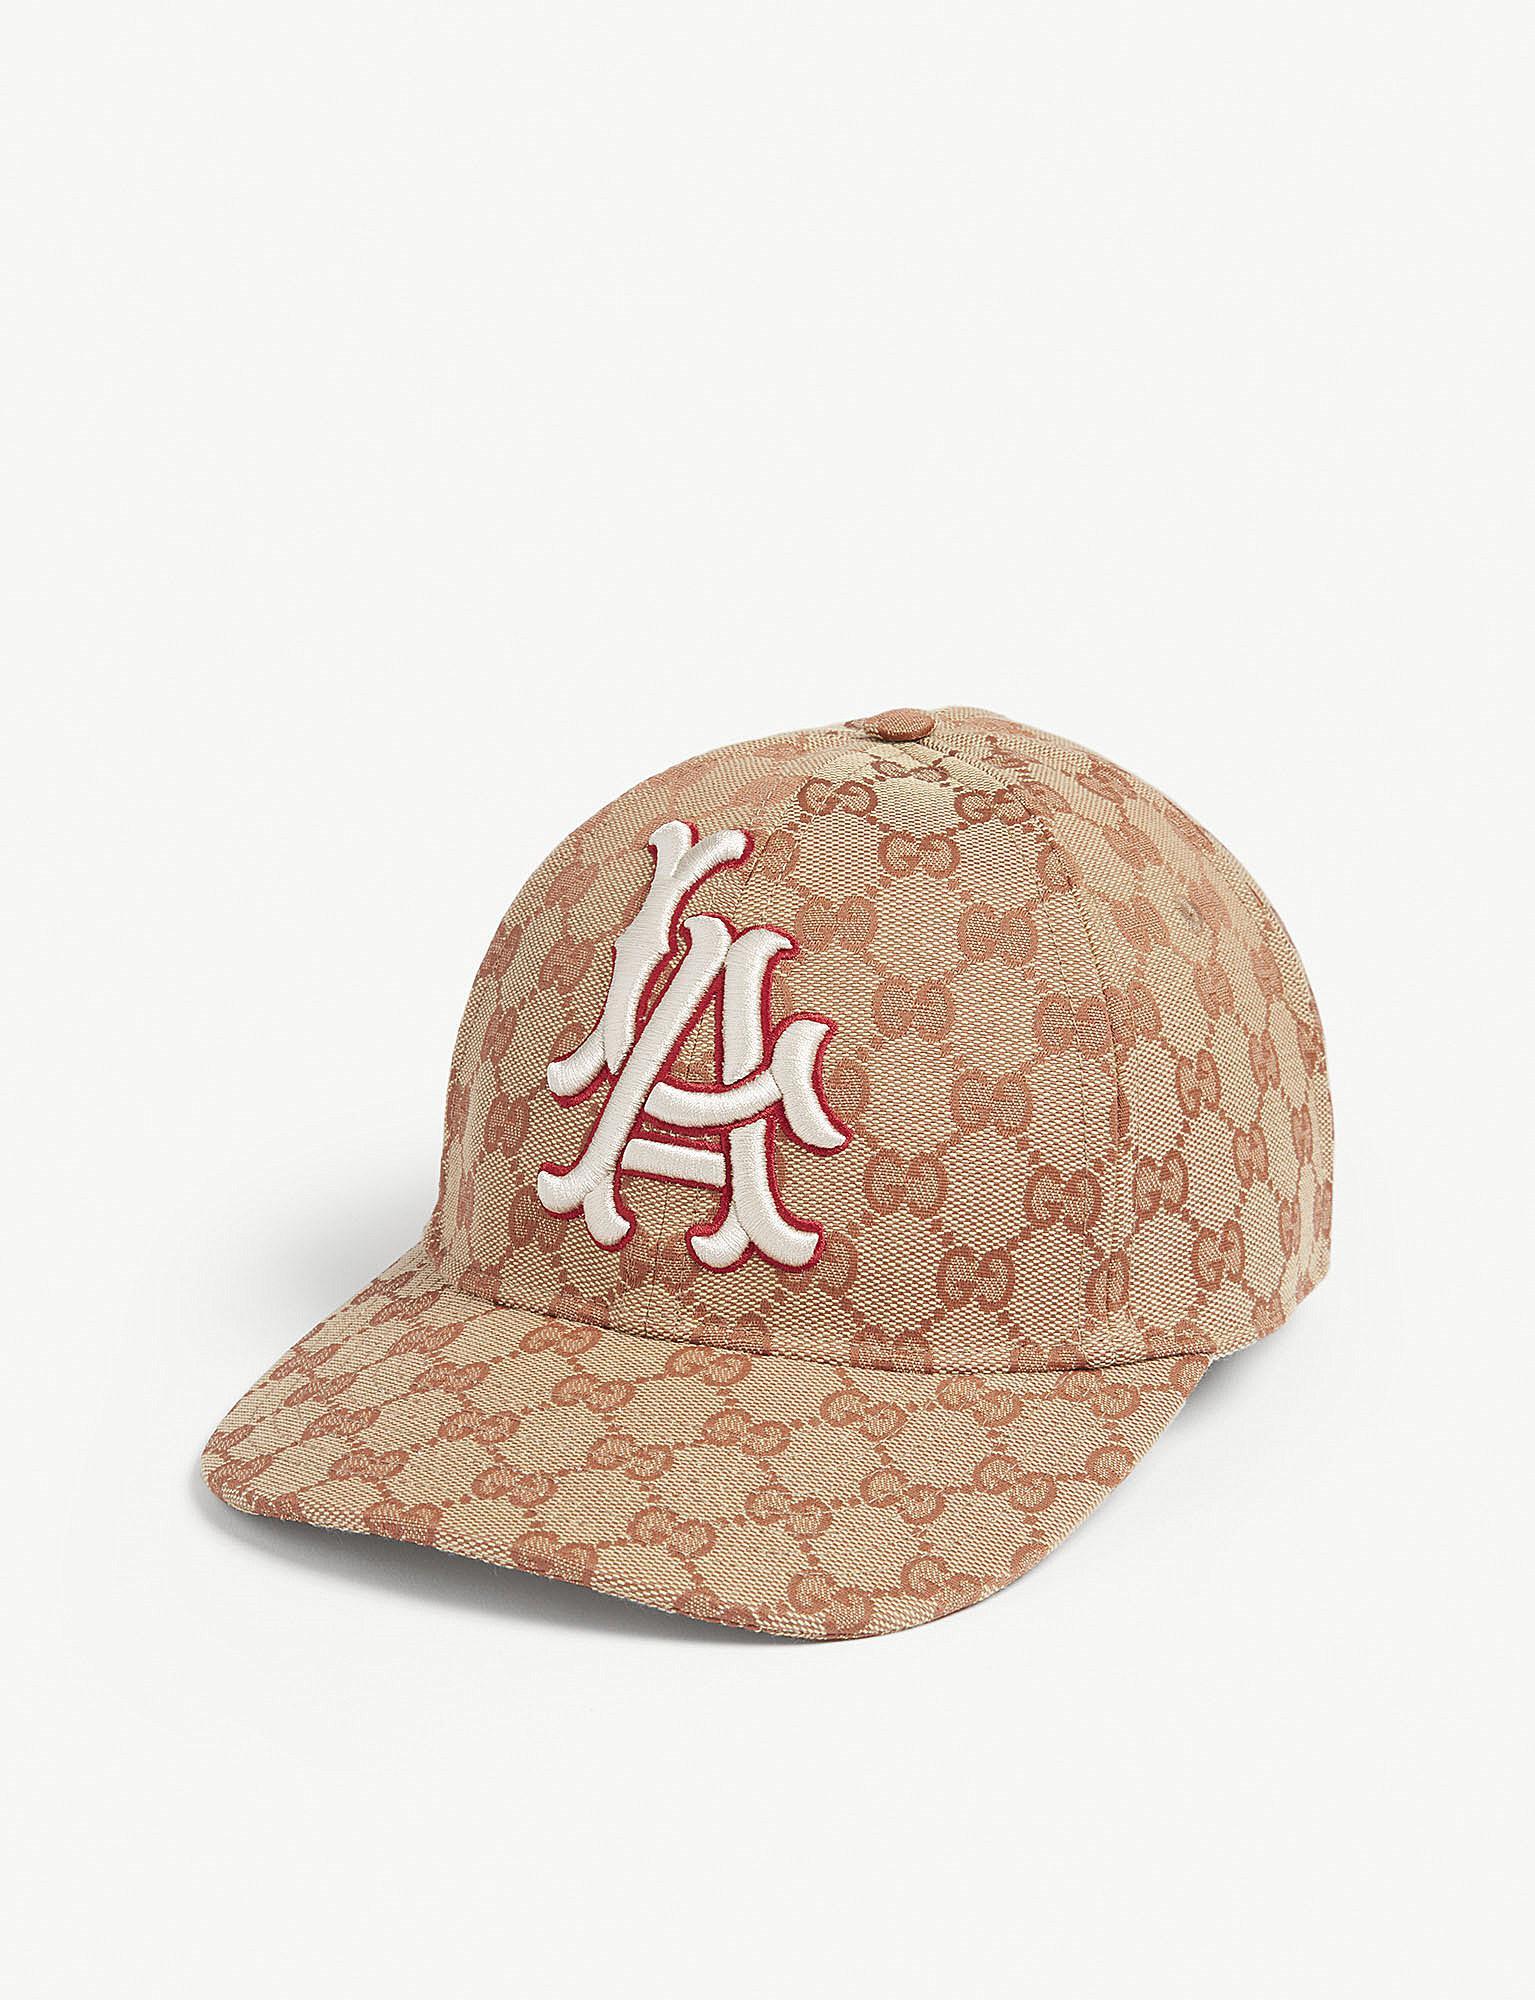 d1c6b4f1c3d Lyst - Gucci La Dodgers Baseball Cap in Natural for Men